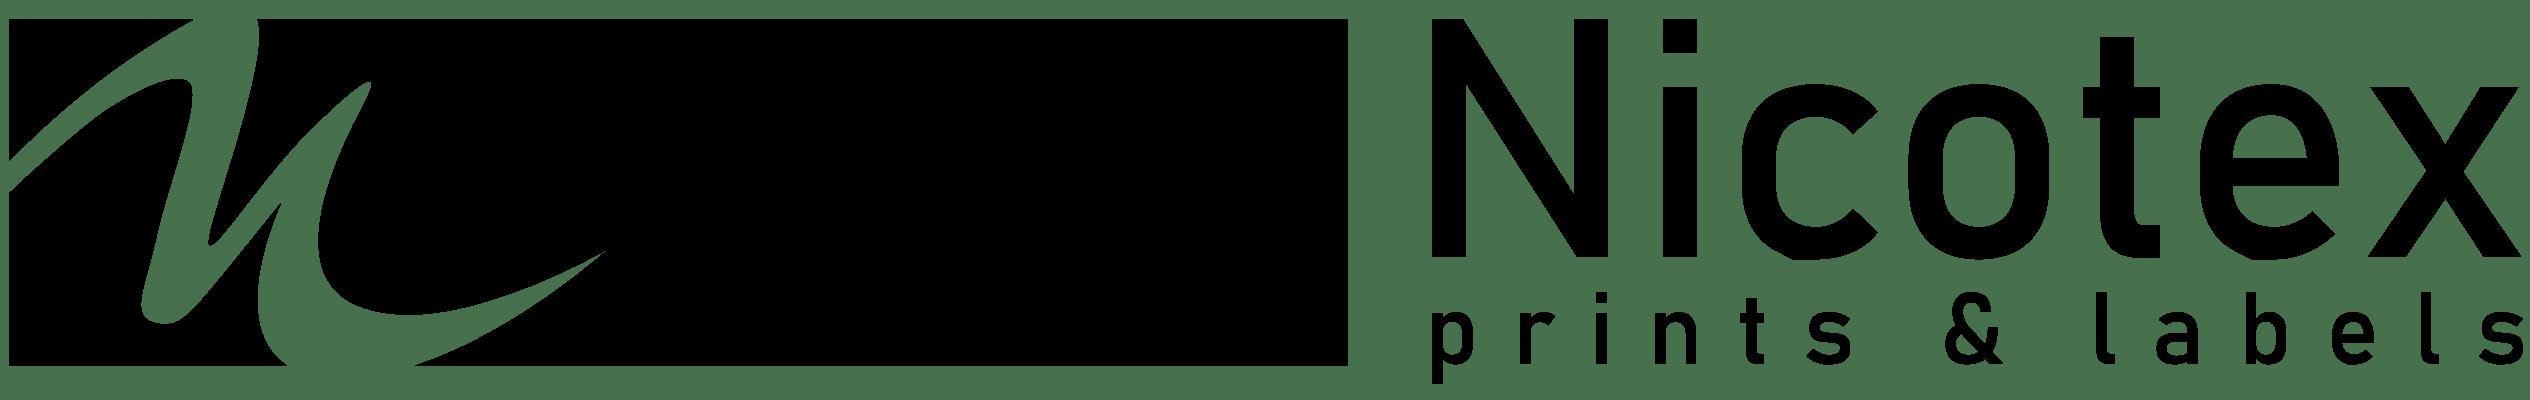 Nicotex: prints & labels | Sito ufficiale